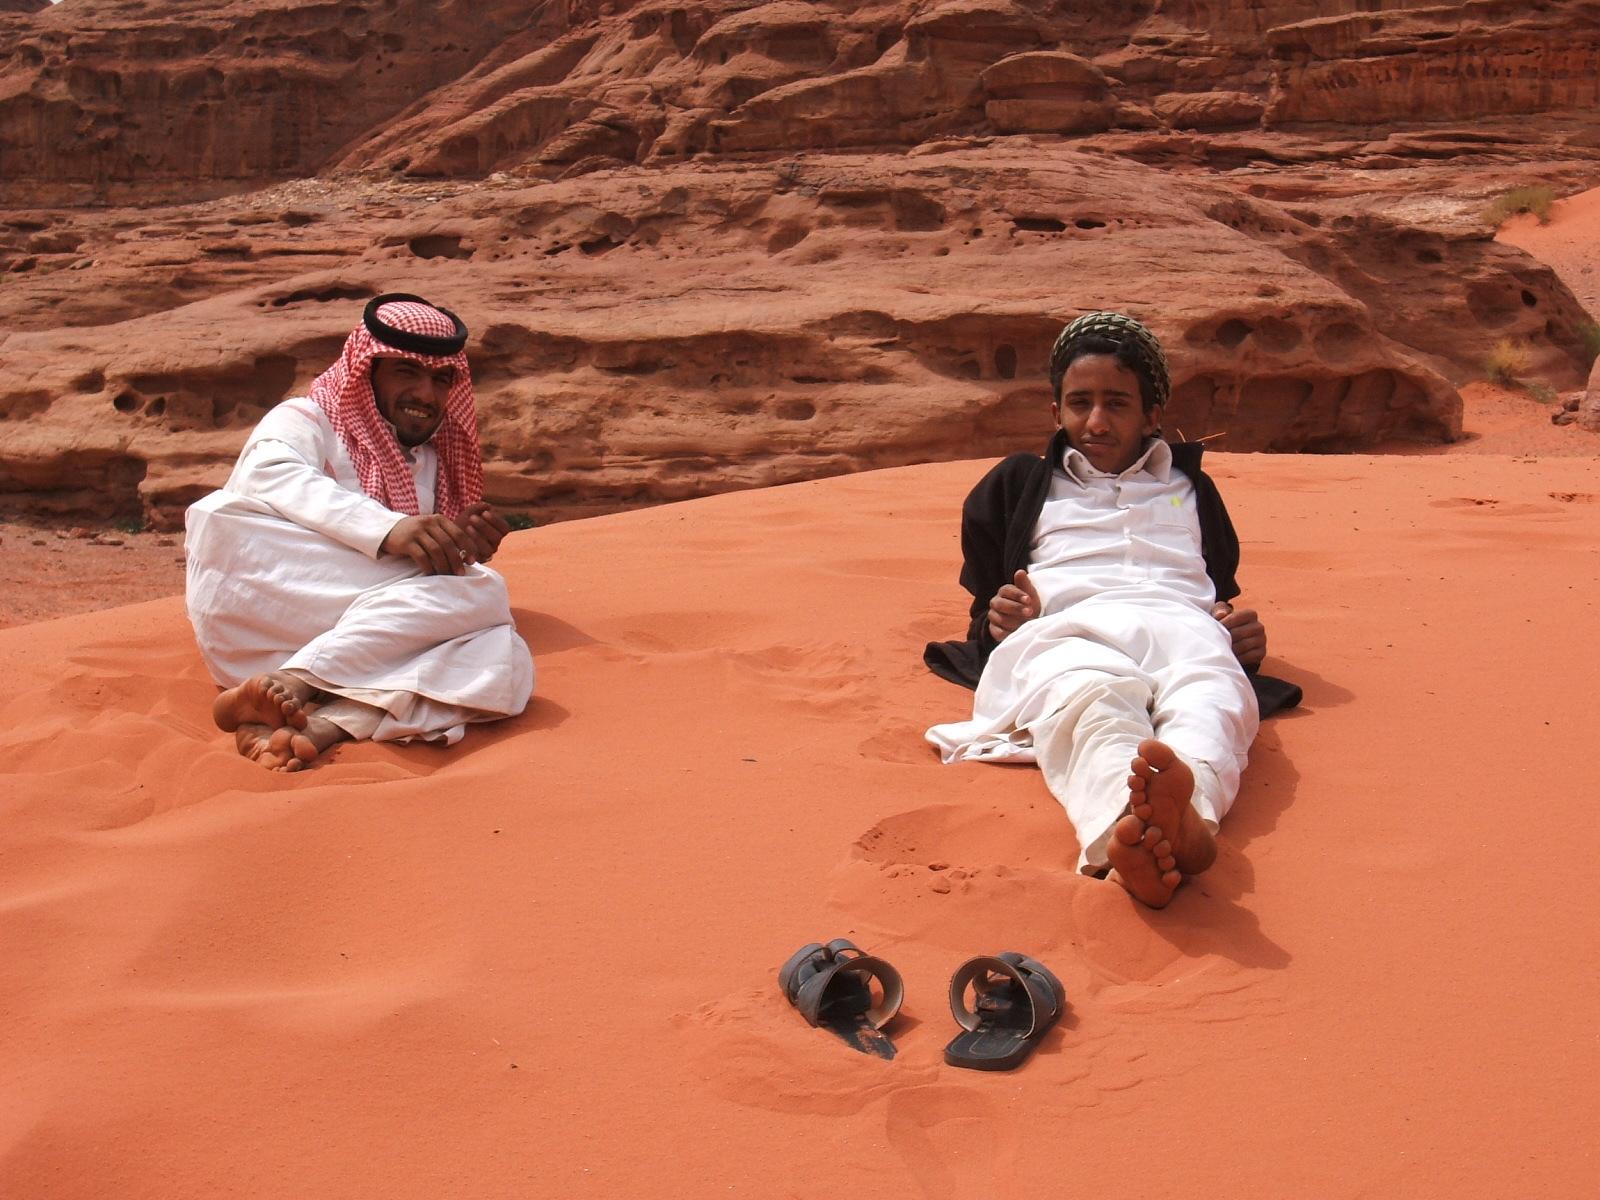 Wadi Rum Bedouins in the Sand